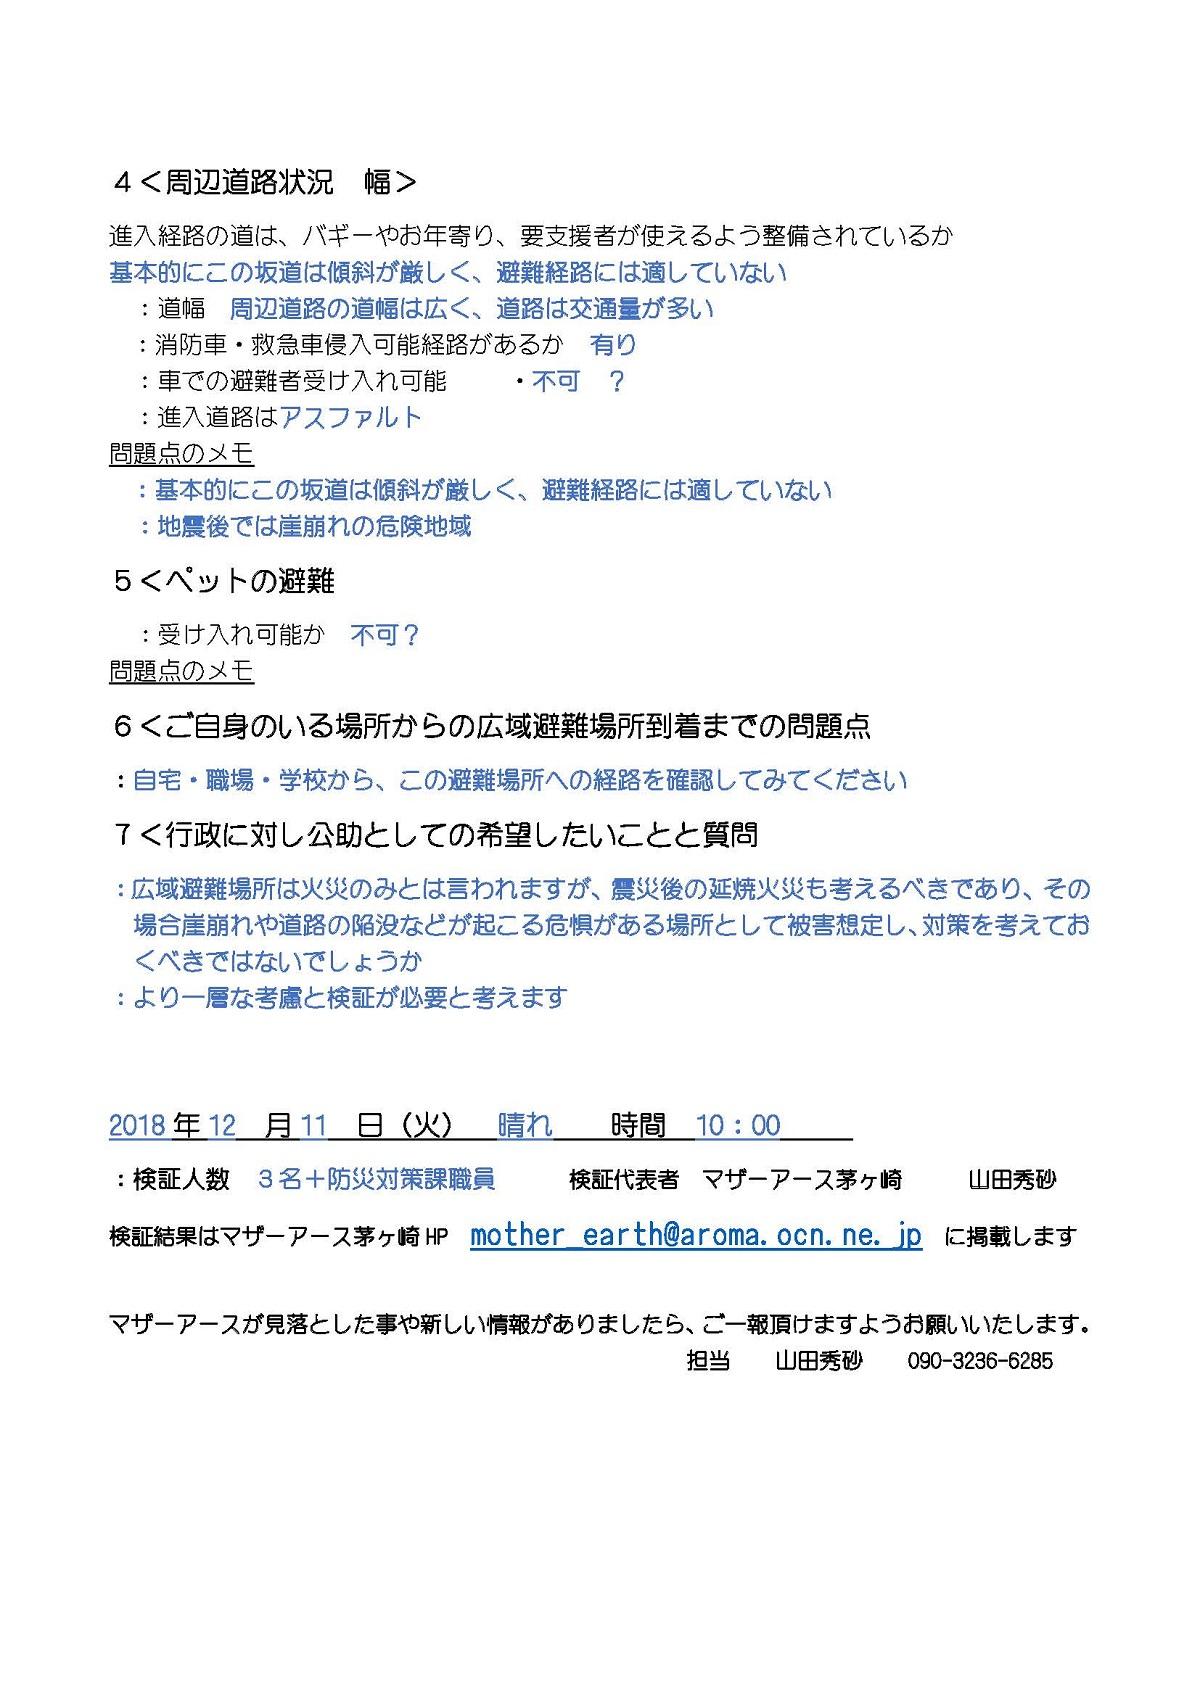 121新ー赤羽根中学校広域指定ーマザーアース茅ヶ崎_ページ_2